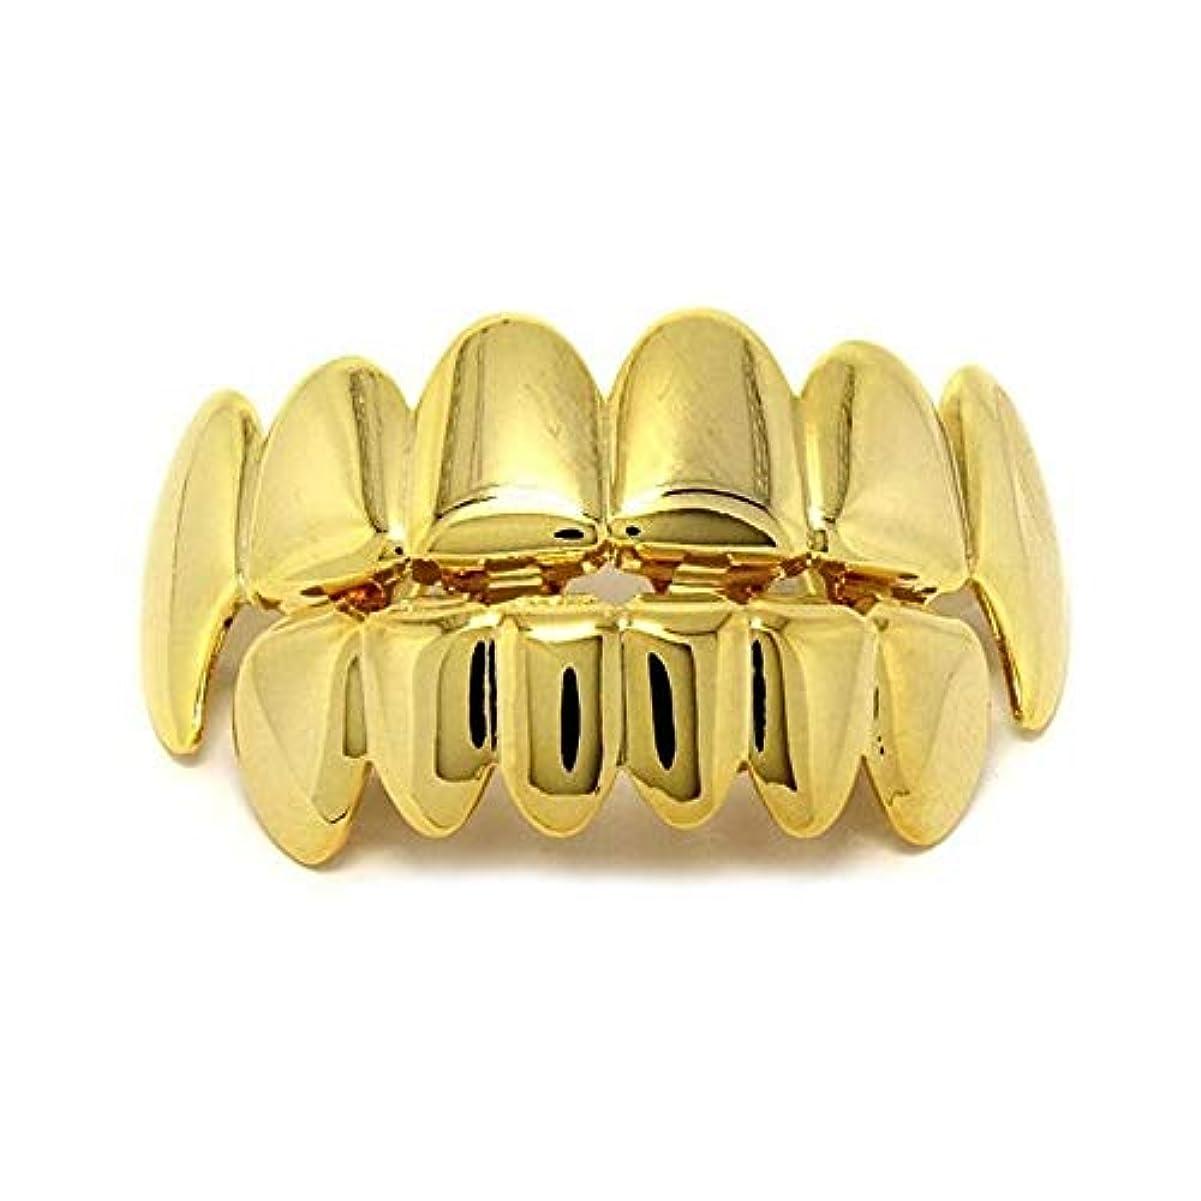 がっかりした失速矢印ヨーロッパ系アメリカ人INS最もホットなヒップホップの歯キャップ、ゴールド&ブラック&シルバー歯ブレースゴールドプレート口の歯 (Color : Gold)